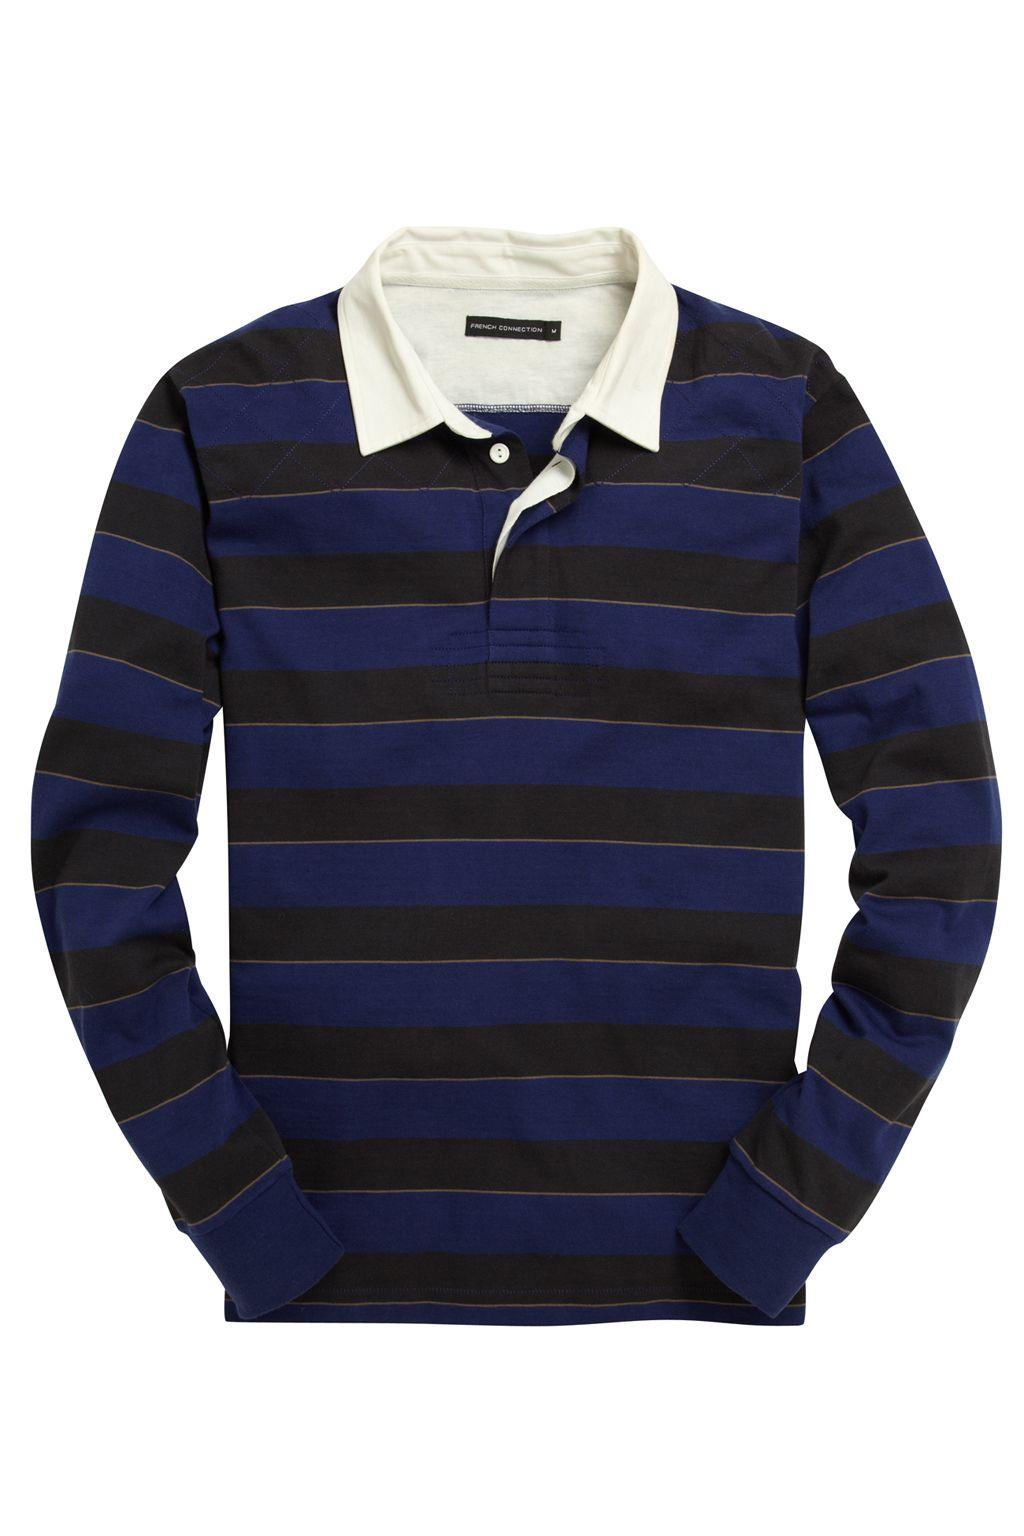 Ralph Lauren Sport Shirt Fit Guide 23